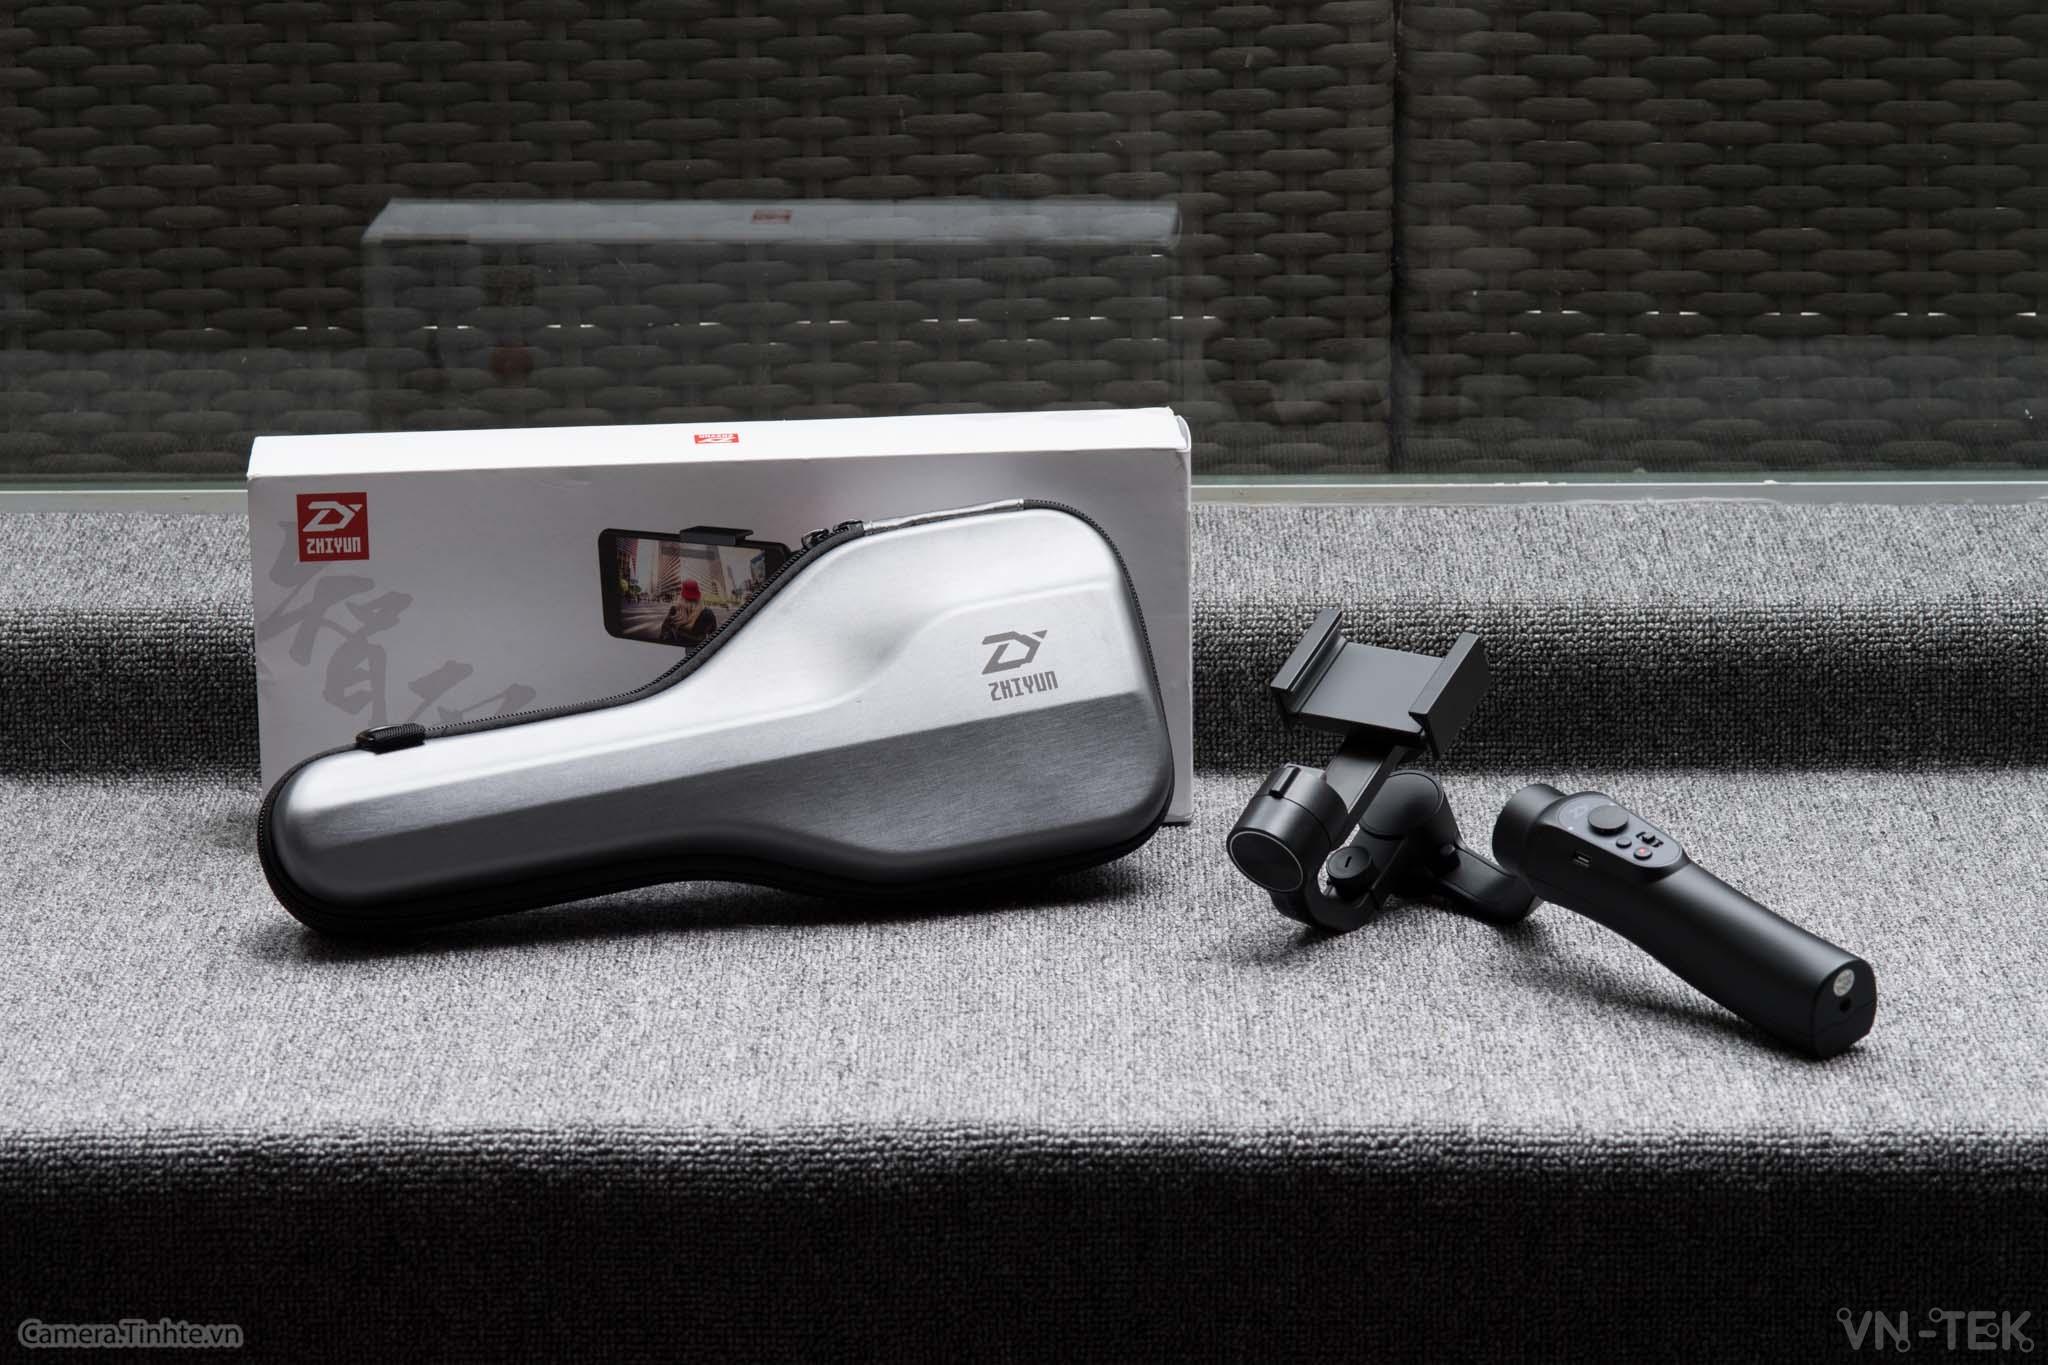 zhiyun smooth q1 - Gimbal Smooth Q - Tay cầm chống rung 3 trục cho smartphone và camera hành động